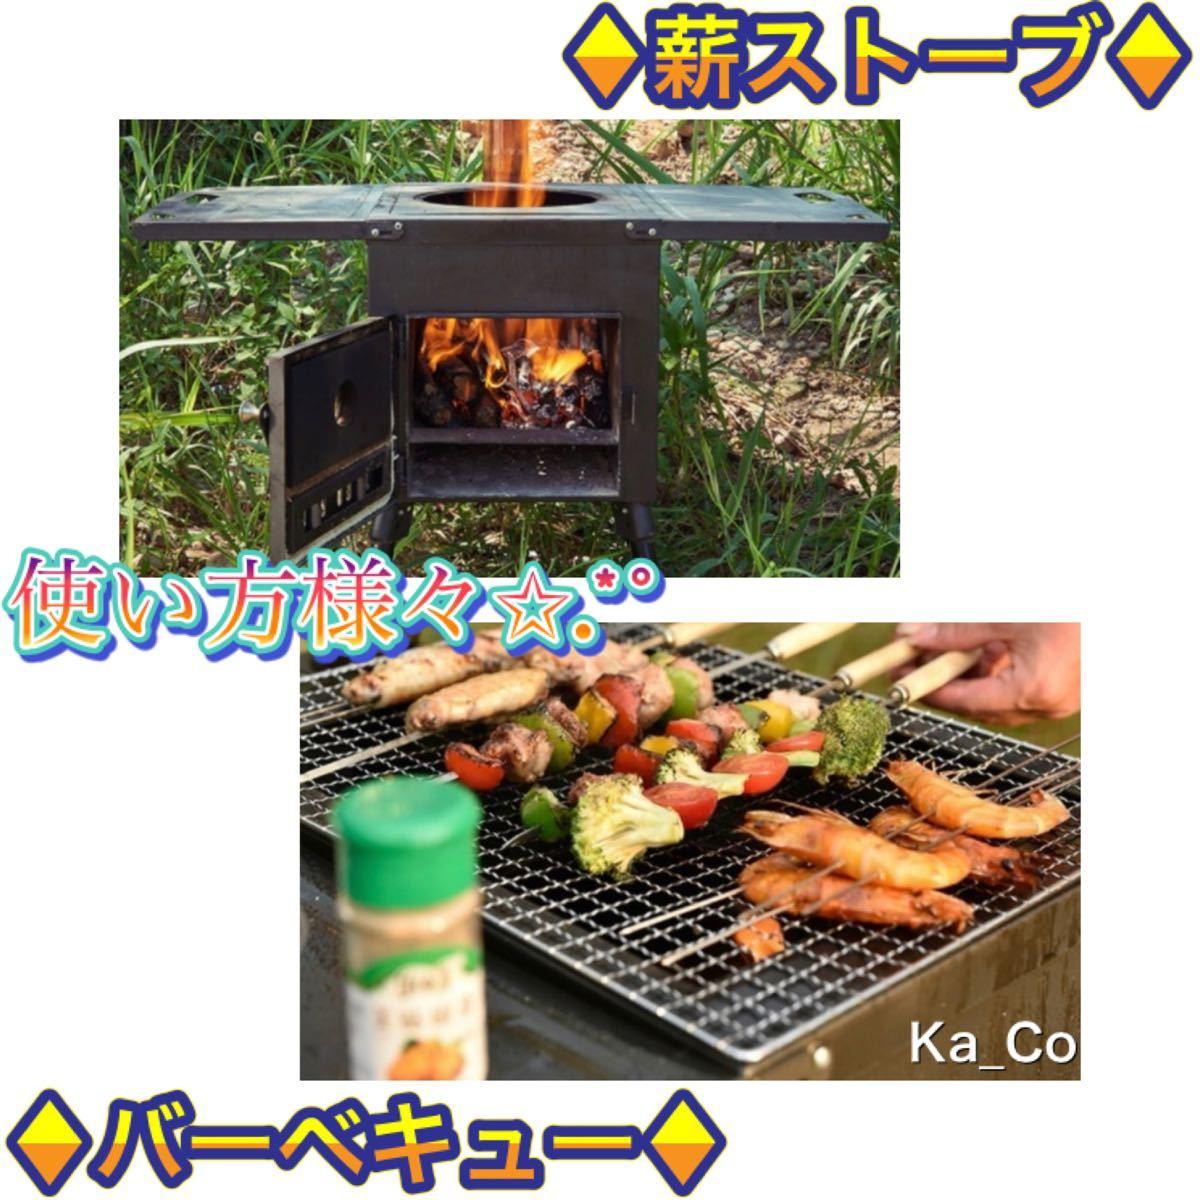 【人気】薪ストーブ 薪コンロ 中型版 テント ストーブ バーベキュー キャンプ